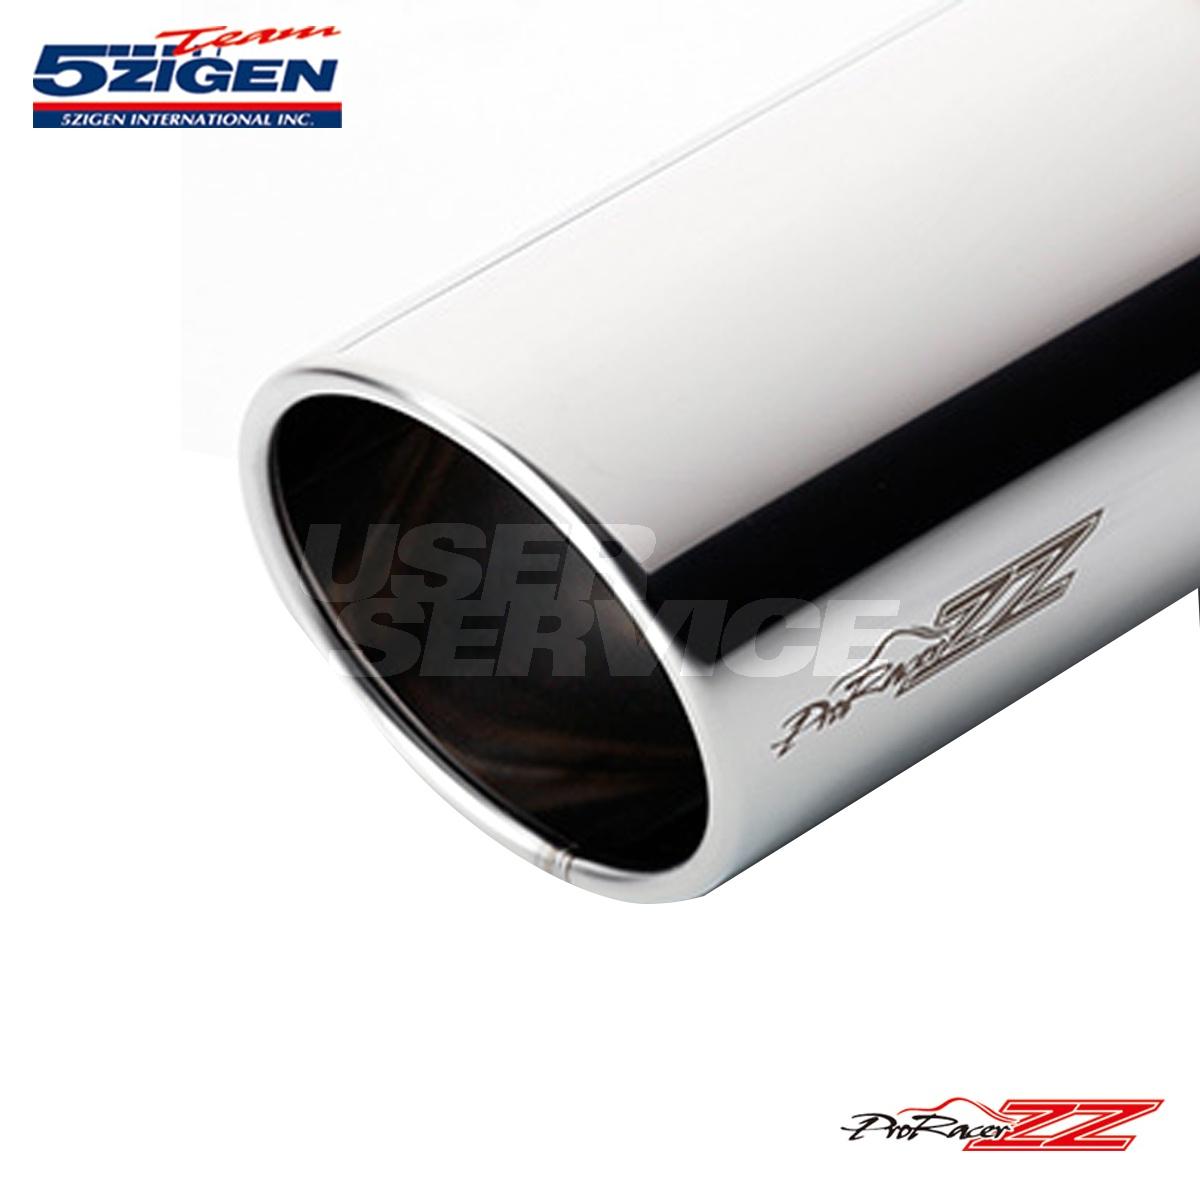 5次元 プロレーサーZZ スカイライン E-ECR33 マフラー 品番:PZN-024 5ZIGEN